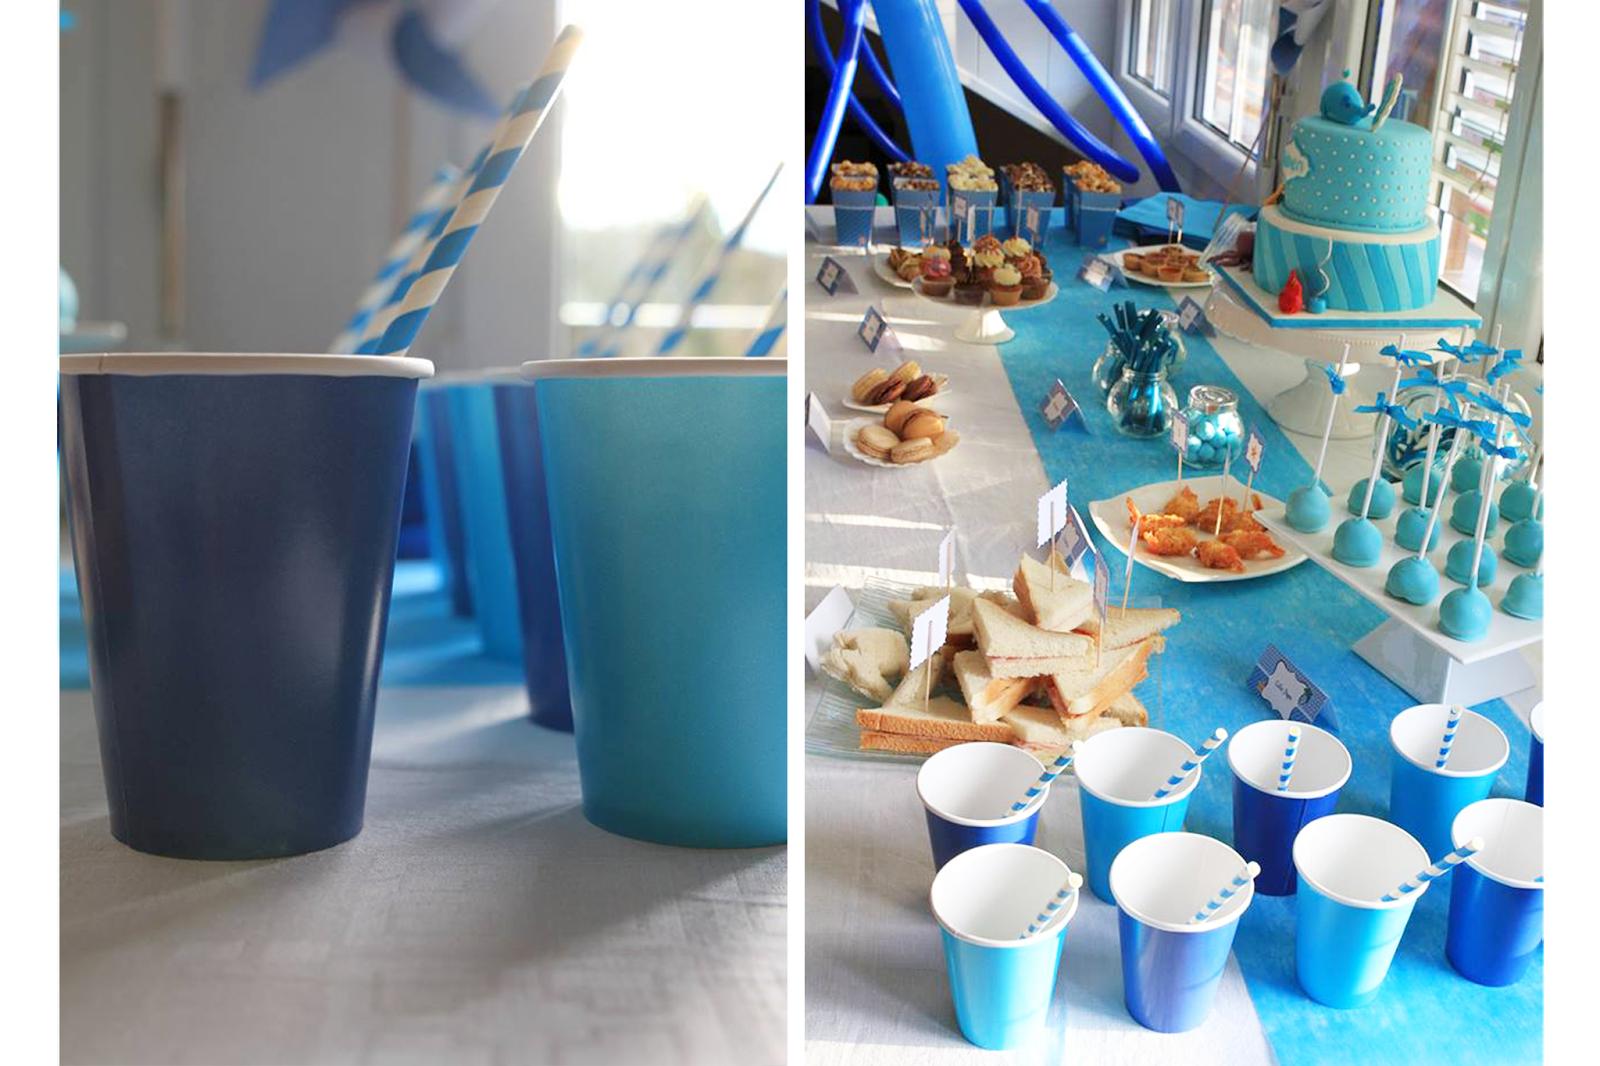 gobelet et pailles jetables bleu marine et bleu turquoise